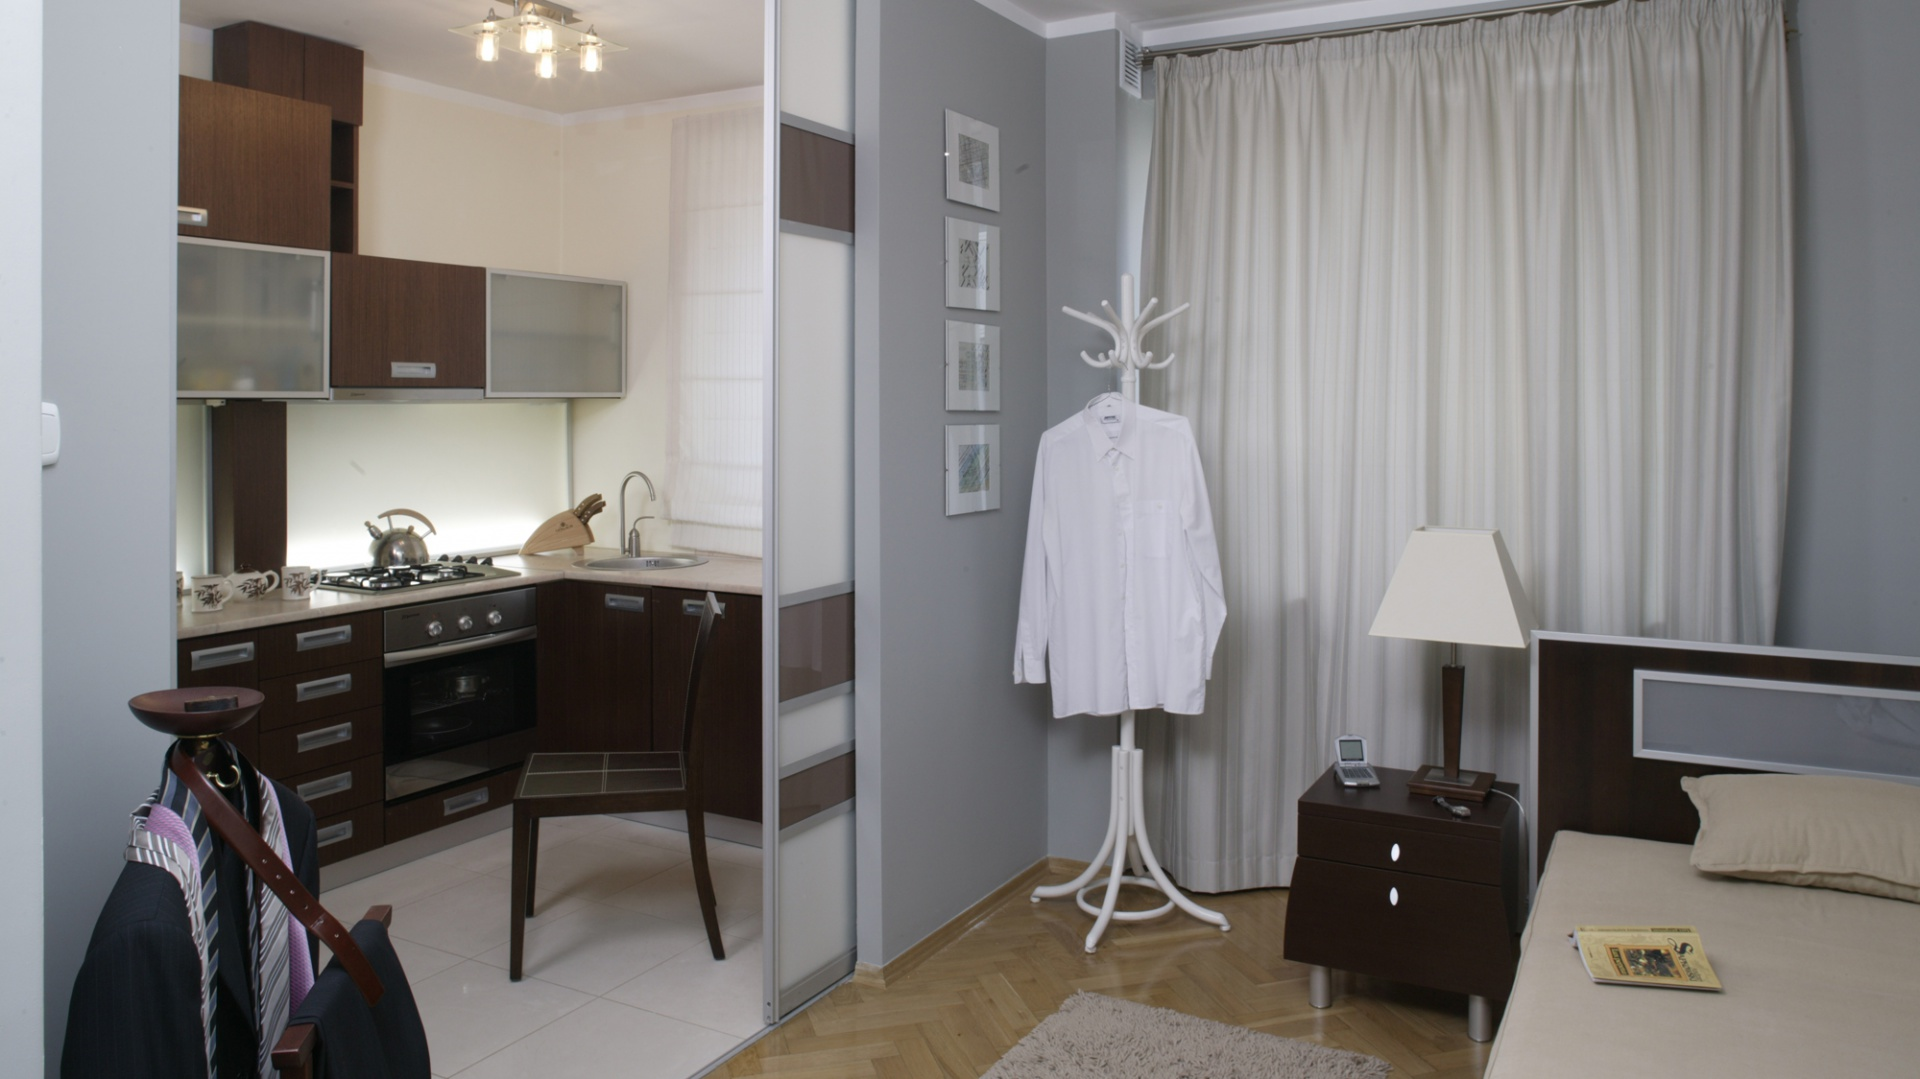 Wnętrze kuchni i sypialni dzielą szklane, przesuwne drzwi. Kuchenna zabudowa to połączenie forniru wenge, szkła i stalowych wykończeń. Fot. Bartosz Jarosz.